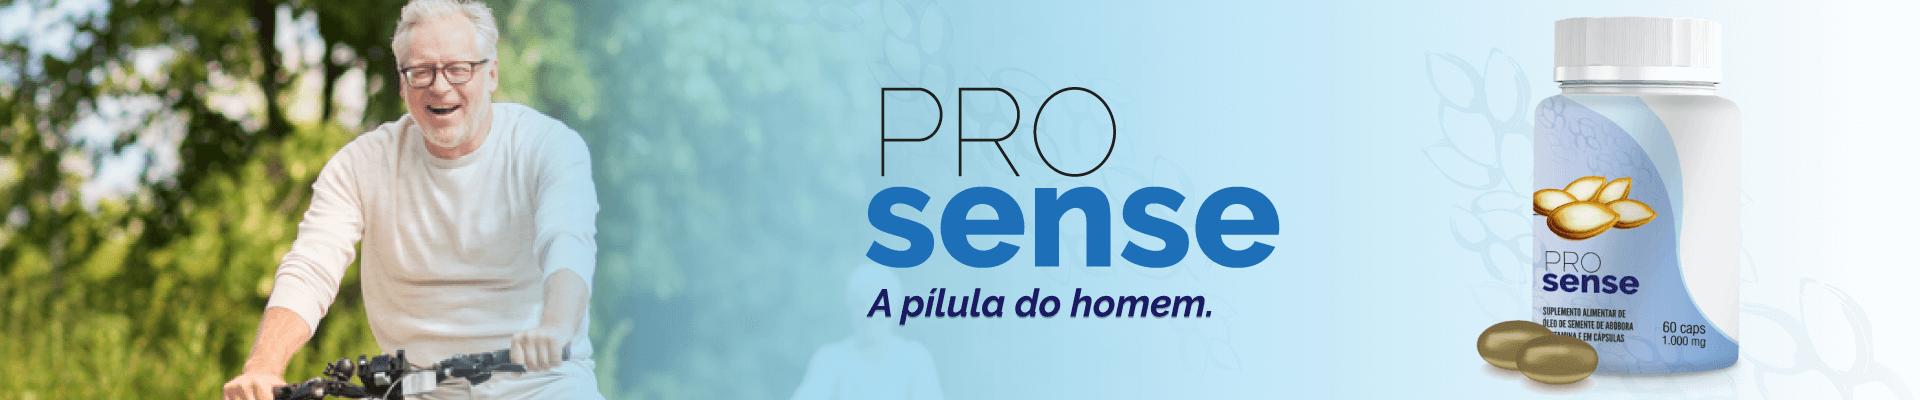 Pro Sense